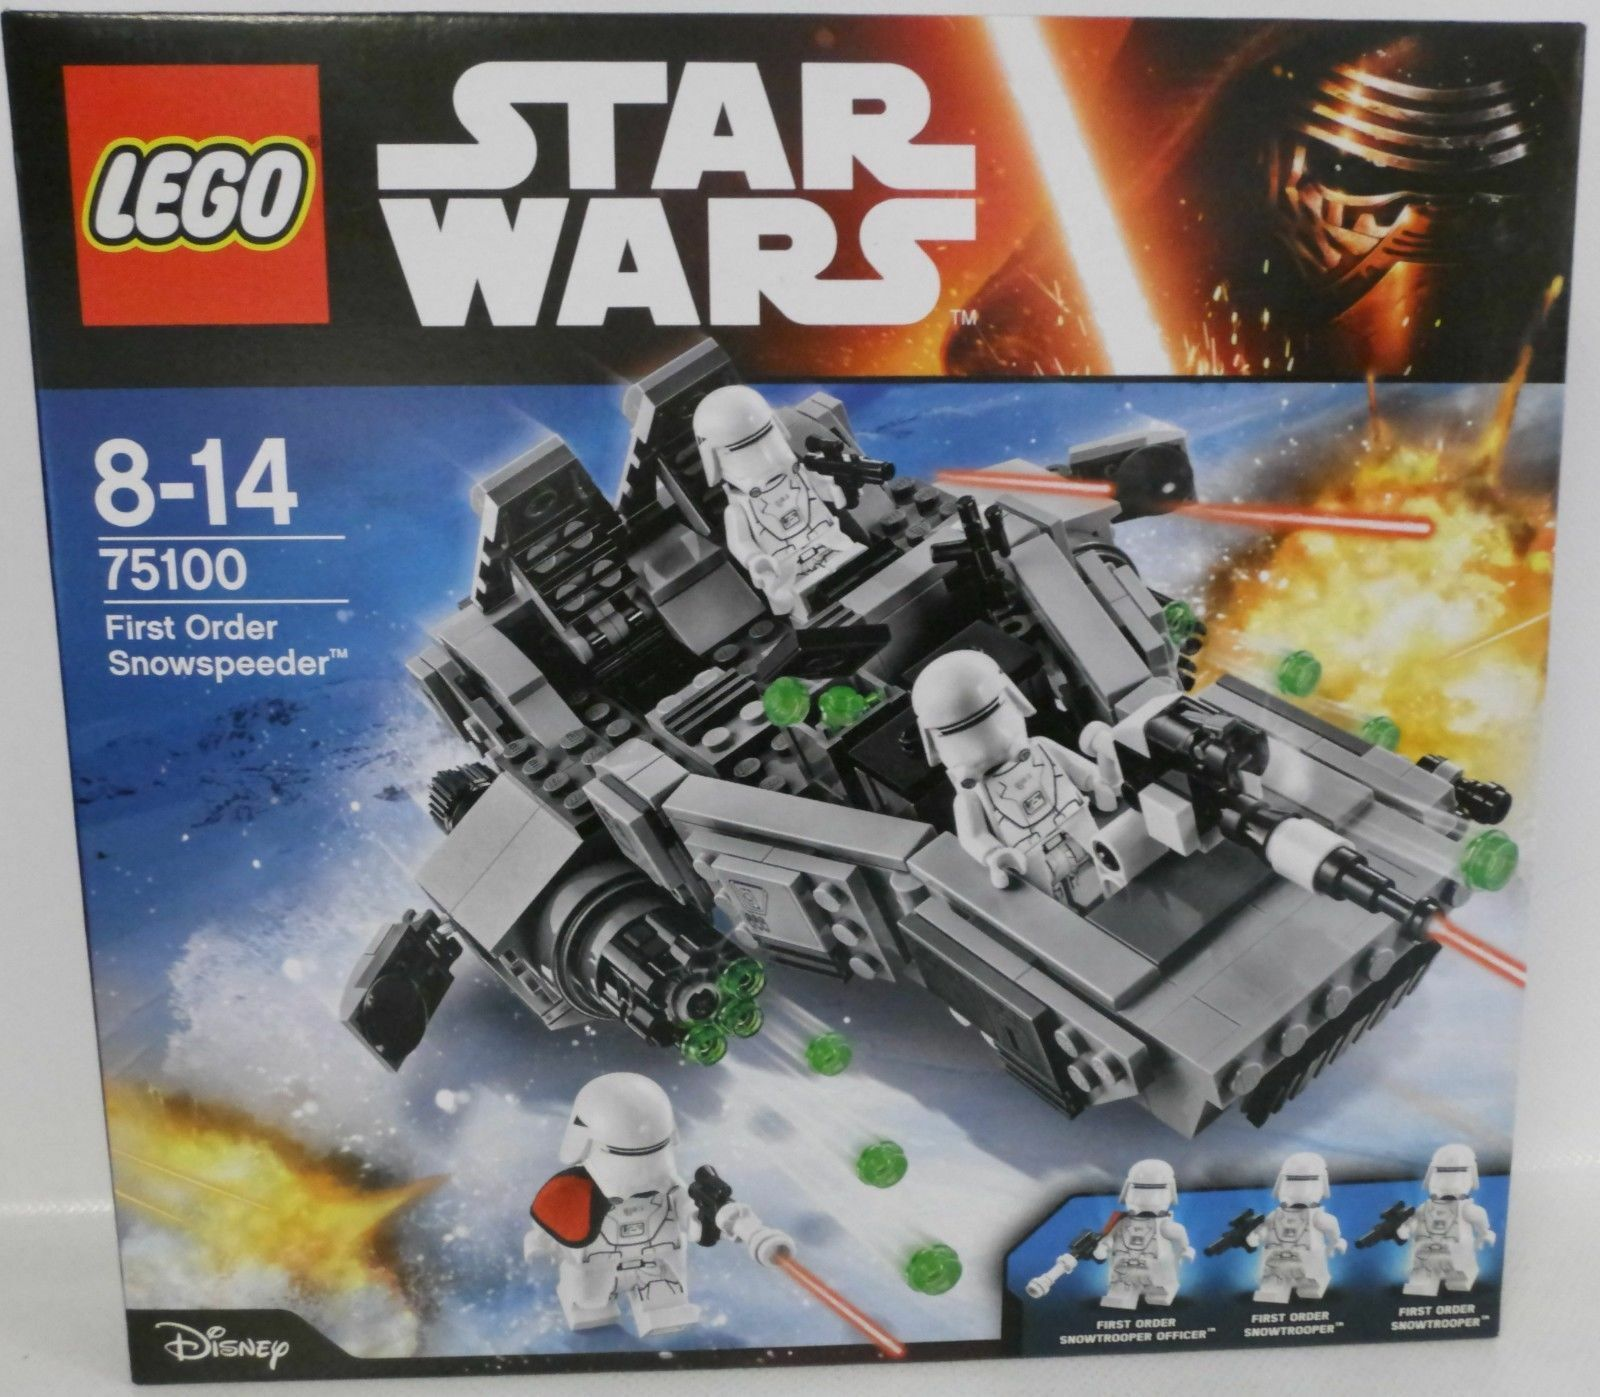 Lego Star Wars First Order Snowspeeder - 75100 - Neuf et scellé Sealed